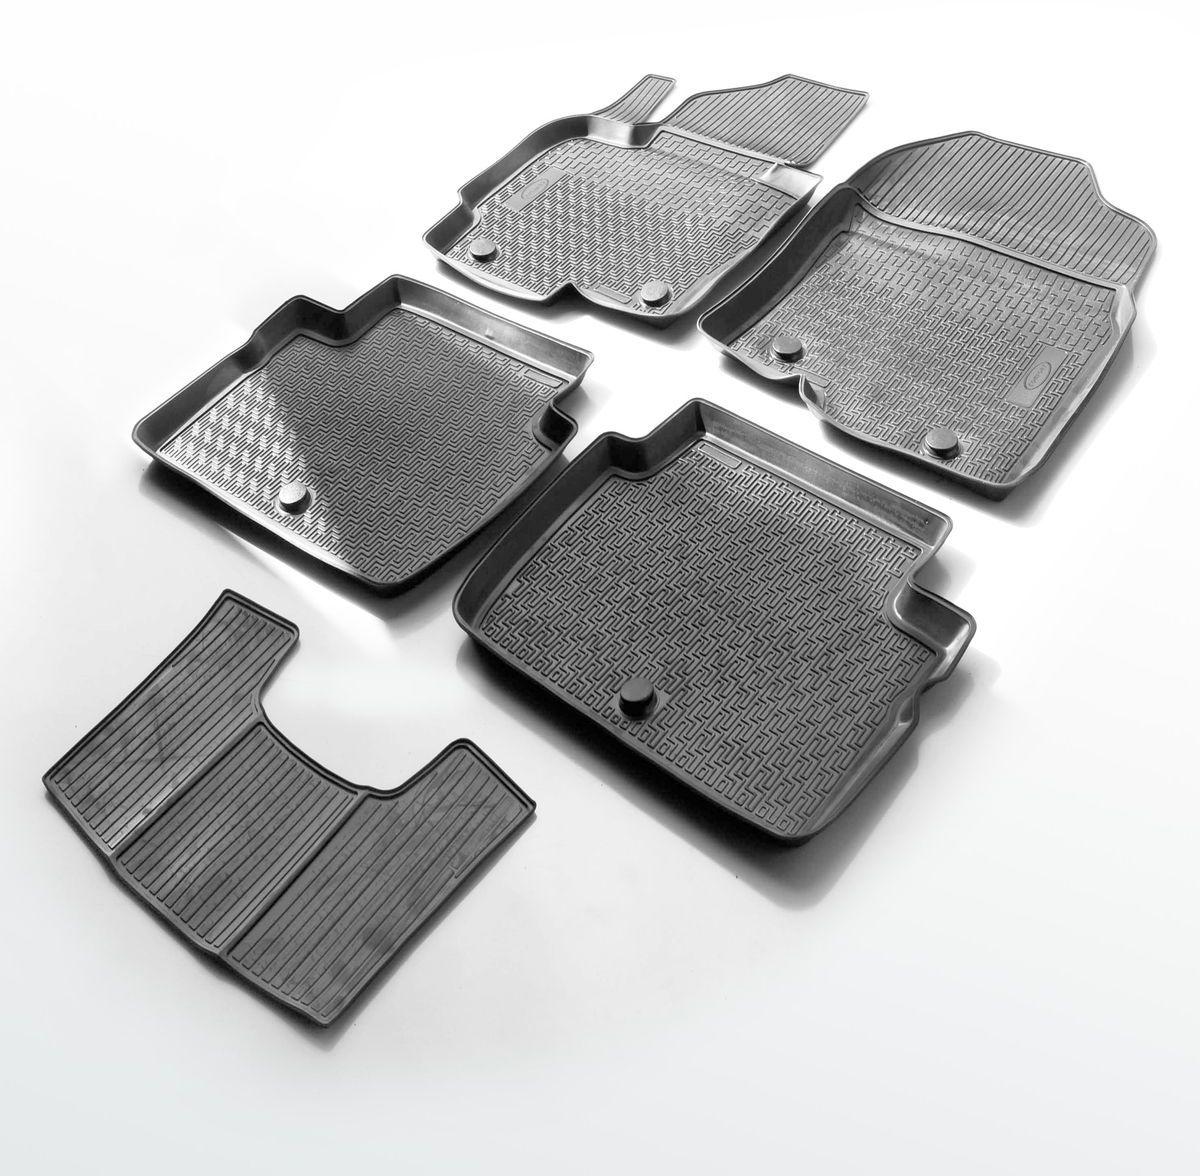 Коврики салона Rival для Toyota Rav4 2013-2015, 2015-, c перемычкой, полиуретан15706001Прочные и долговечные коврики Rival в салон автомобиля, изготовлены из высококачественного и экологичного сырья. Коврики полностью повторяют геометрию салона вашего автомобиля.- Надежная система крепления, позволяющая закрепить коврик на штатные элементы фиксации, в результате чего отсутствует эффект скольжения по салону автомобиля.- Высокая стойкость поверхности к стиранию.- Специализированный рисунок и высокий борт, препятствующие распространению грязи и жидкости по поверхности коврика.- Перемычка задних ковриков в комплекте предотвращает загрязнение тоннеля карданного вала.- Коврики произведены из первичных материалов, в результате чего отсутствует неприятный запах в салоне автомобиля.- Высокая эластичность, можно беспрепятственно эксплуатировать при температуре от -45°C до +45°C. Уважаемые клиенты! Обращаем ваше внимание, что коврики имеют форму, соответствующую модели данного автомобиля. Фото служит для визуального восприятия товара.